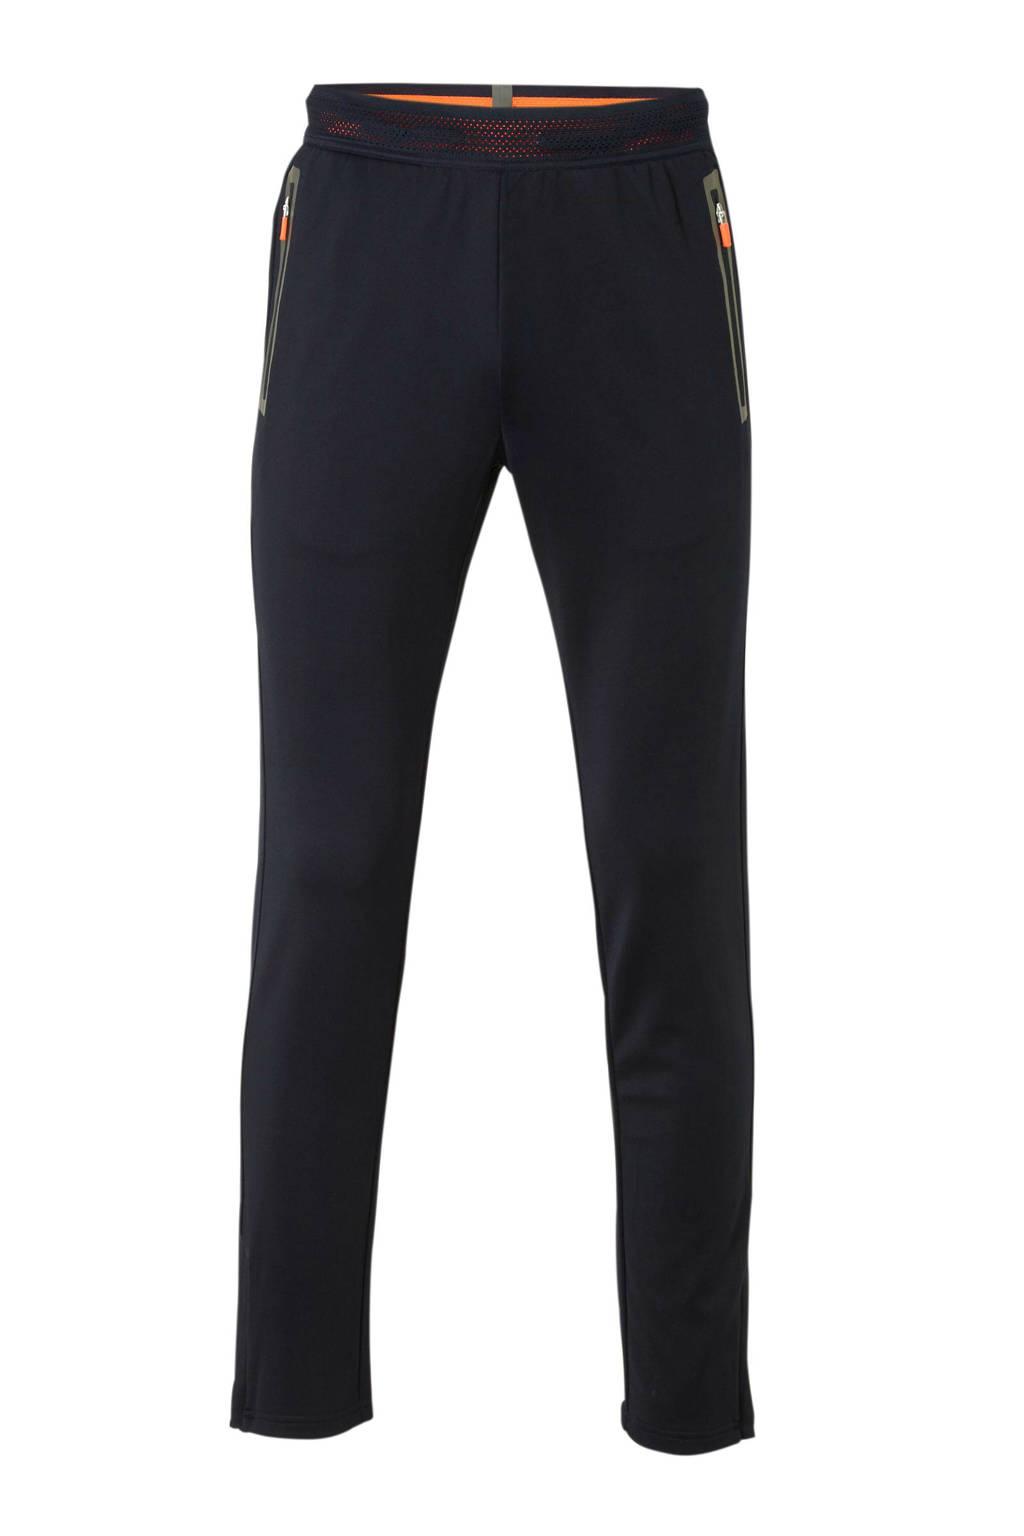 Sjeng Sports   sportbroek zwart/grijs, Zwart/grijs